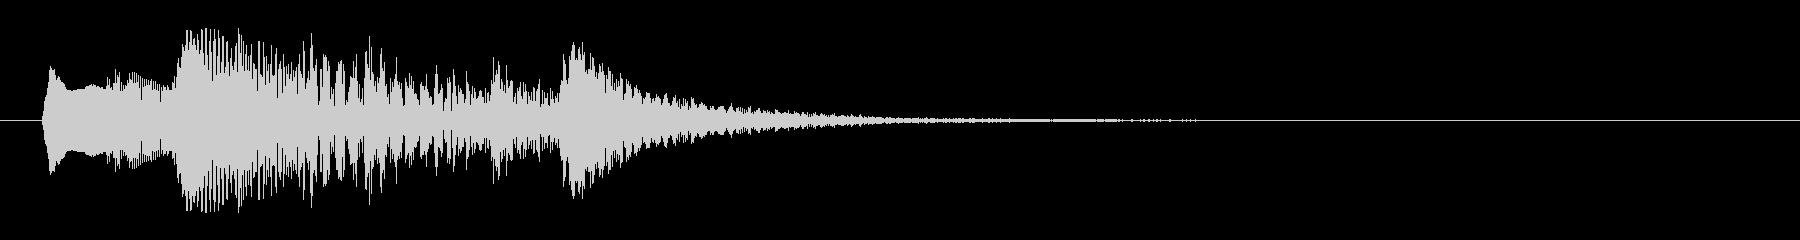 【効果音】メニュー系セットB_大決定音の未再生の波形